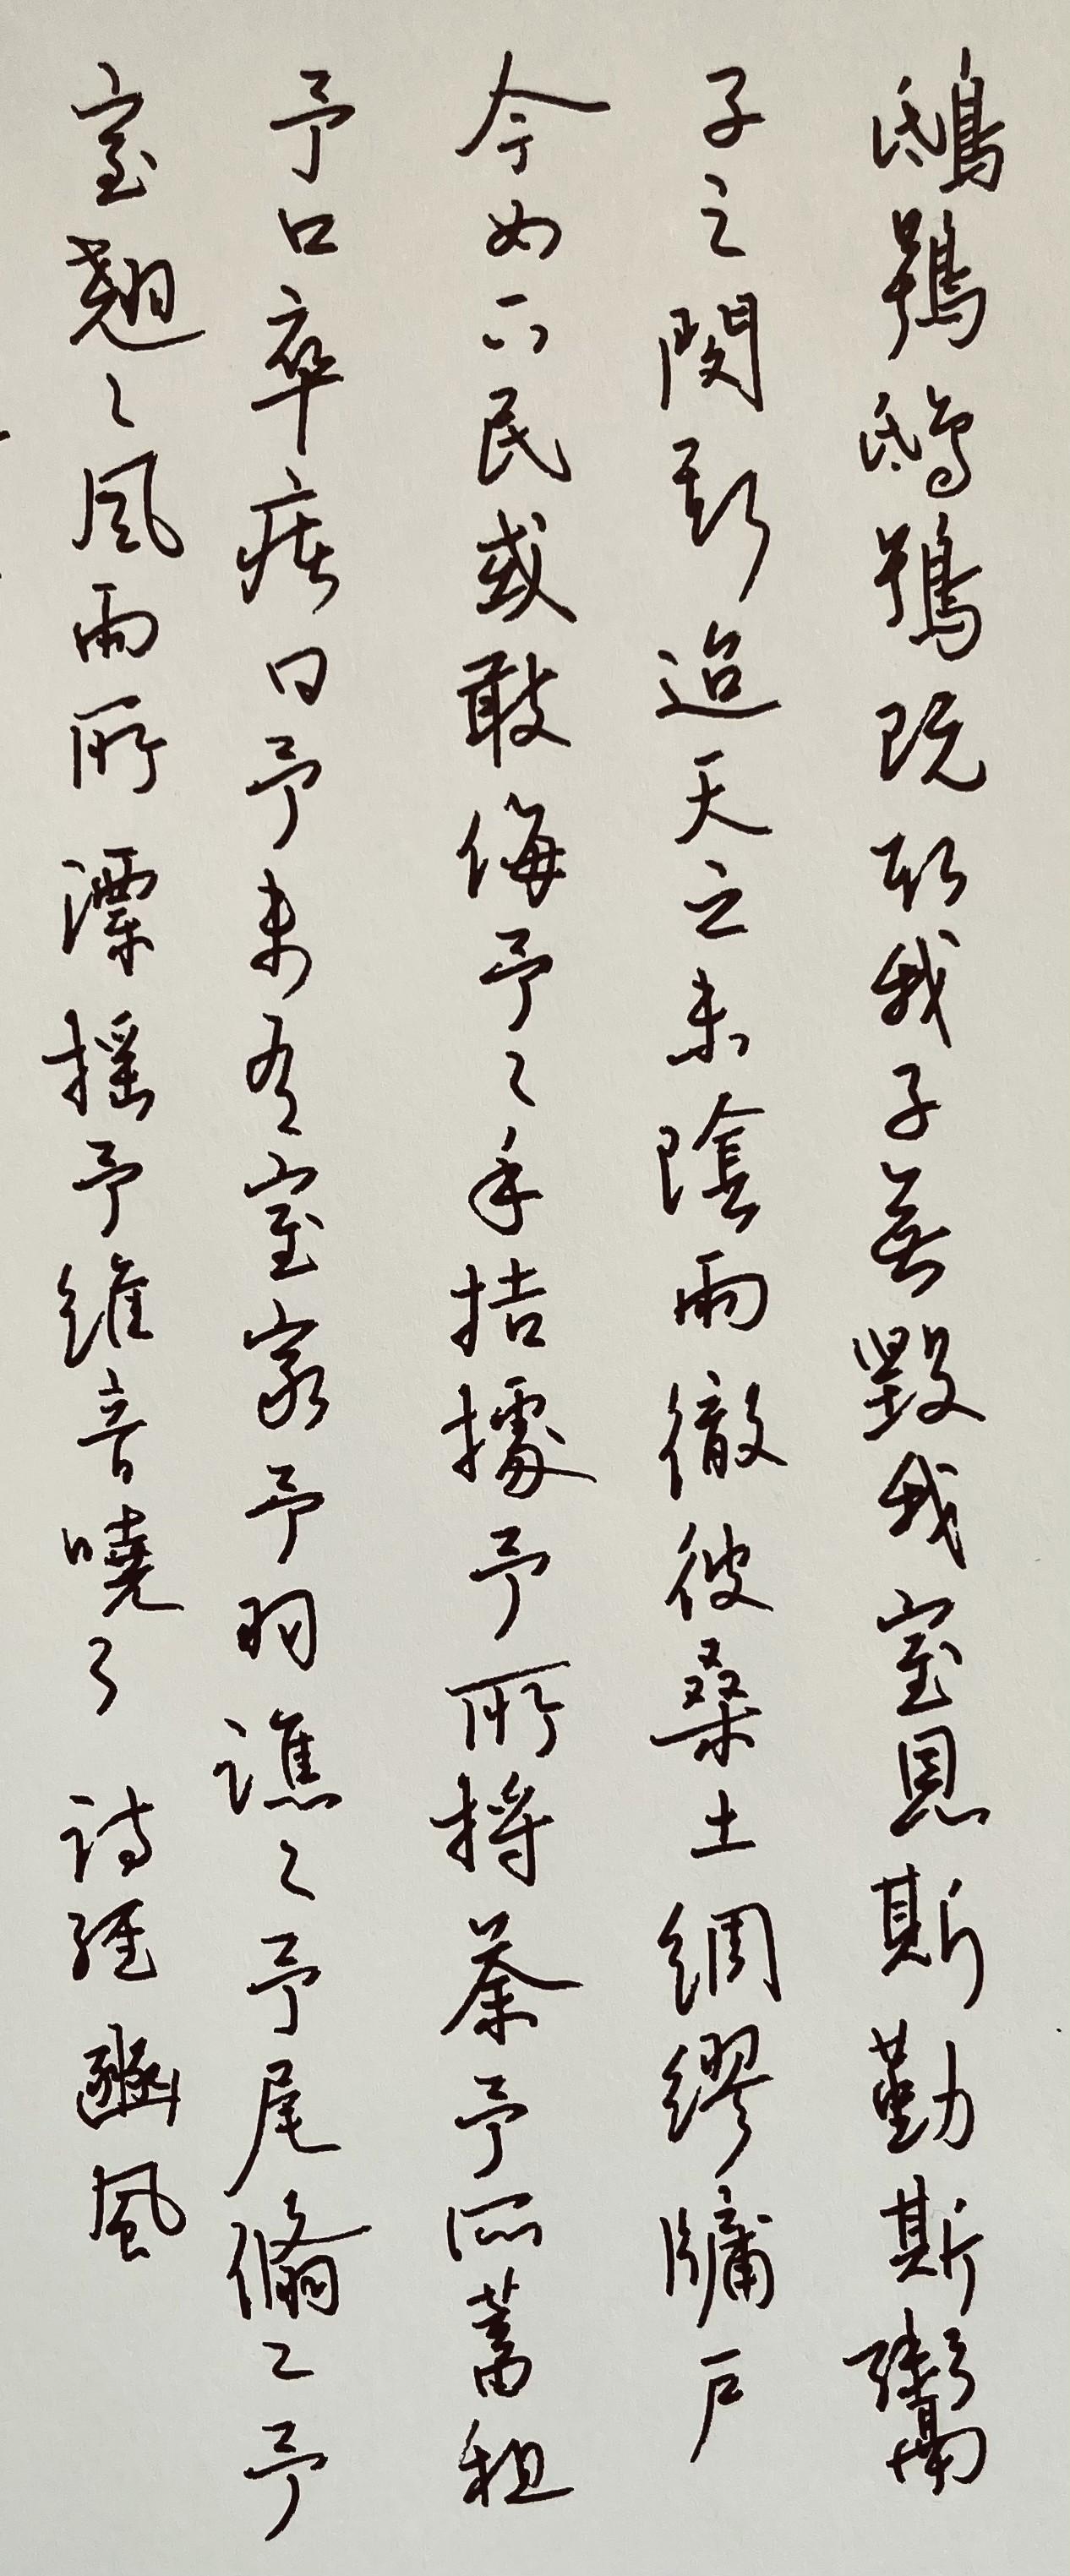 钢笔书法练字打卡20210427-05